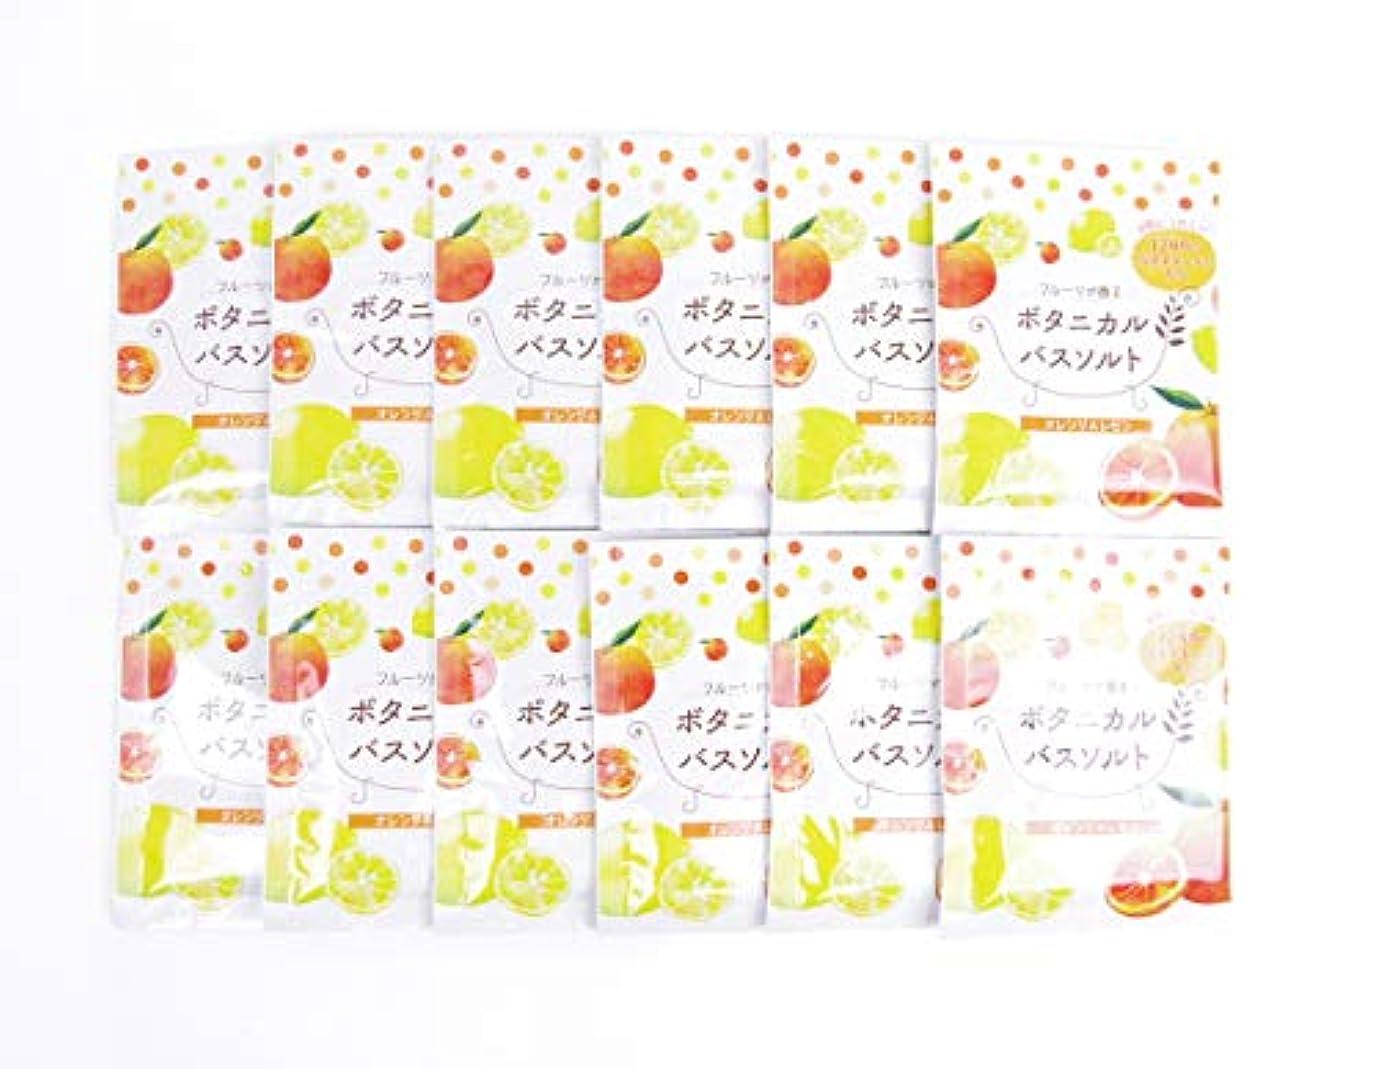 アトラス形容詞乱闘松田医薬品 フルーツが香るボタニカルバスソルト オレンジ&レモン 30g 12個セット